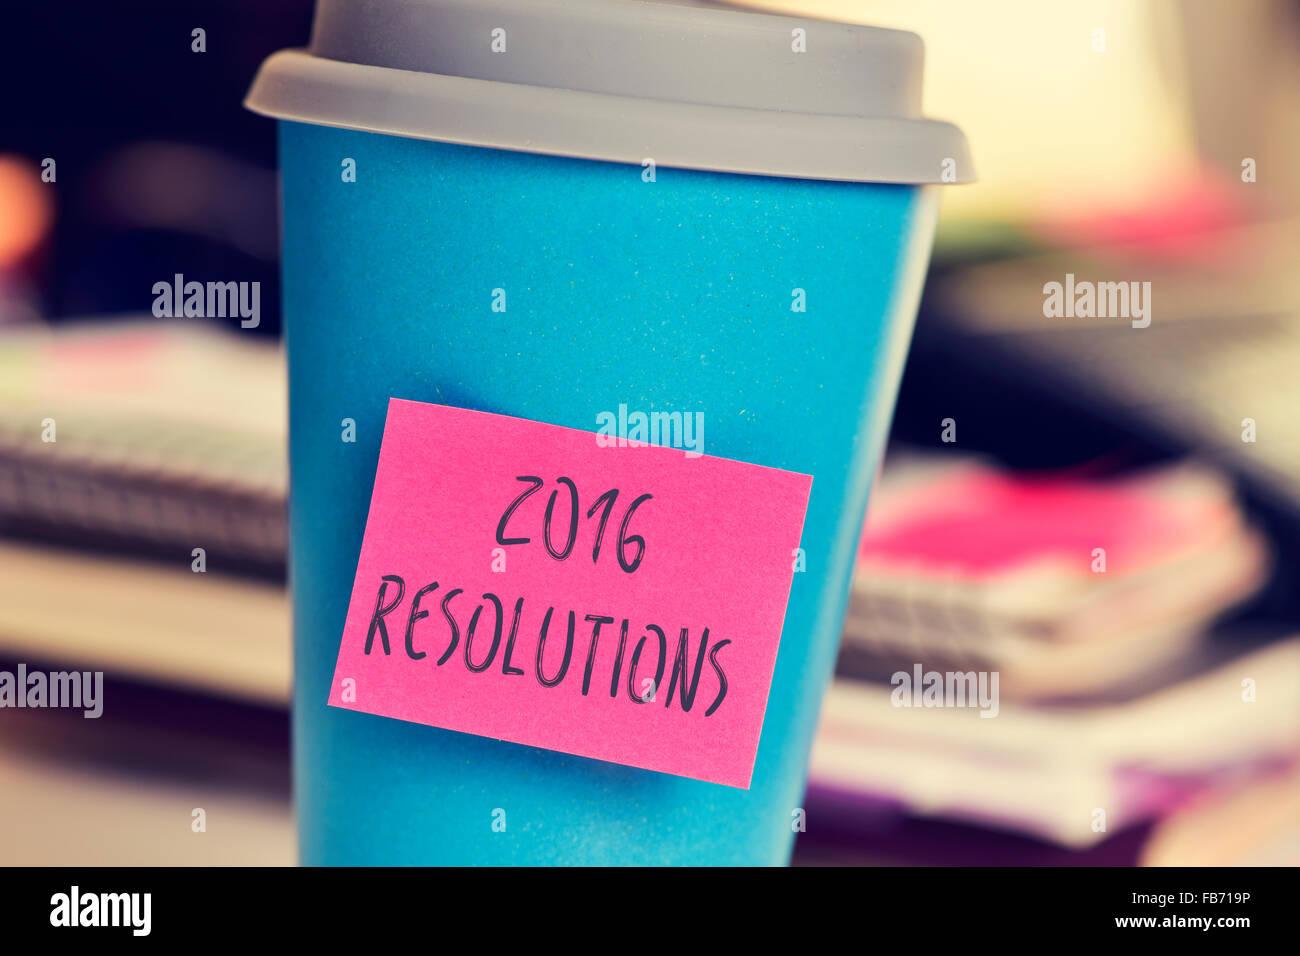 Primo piano di una rosa una nota adesiva con il testo delle risoluzioni 2016 in una tazza di colore blu su una scrivania Immagini Stock